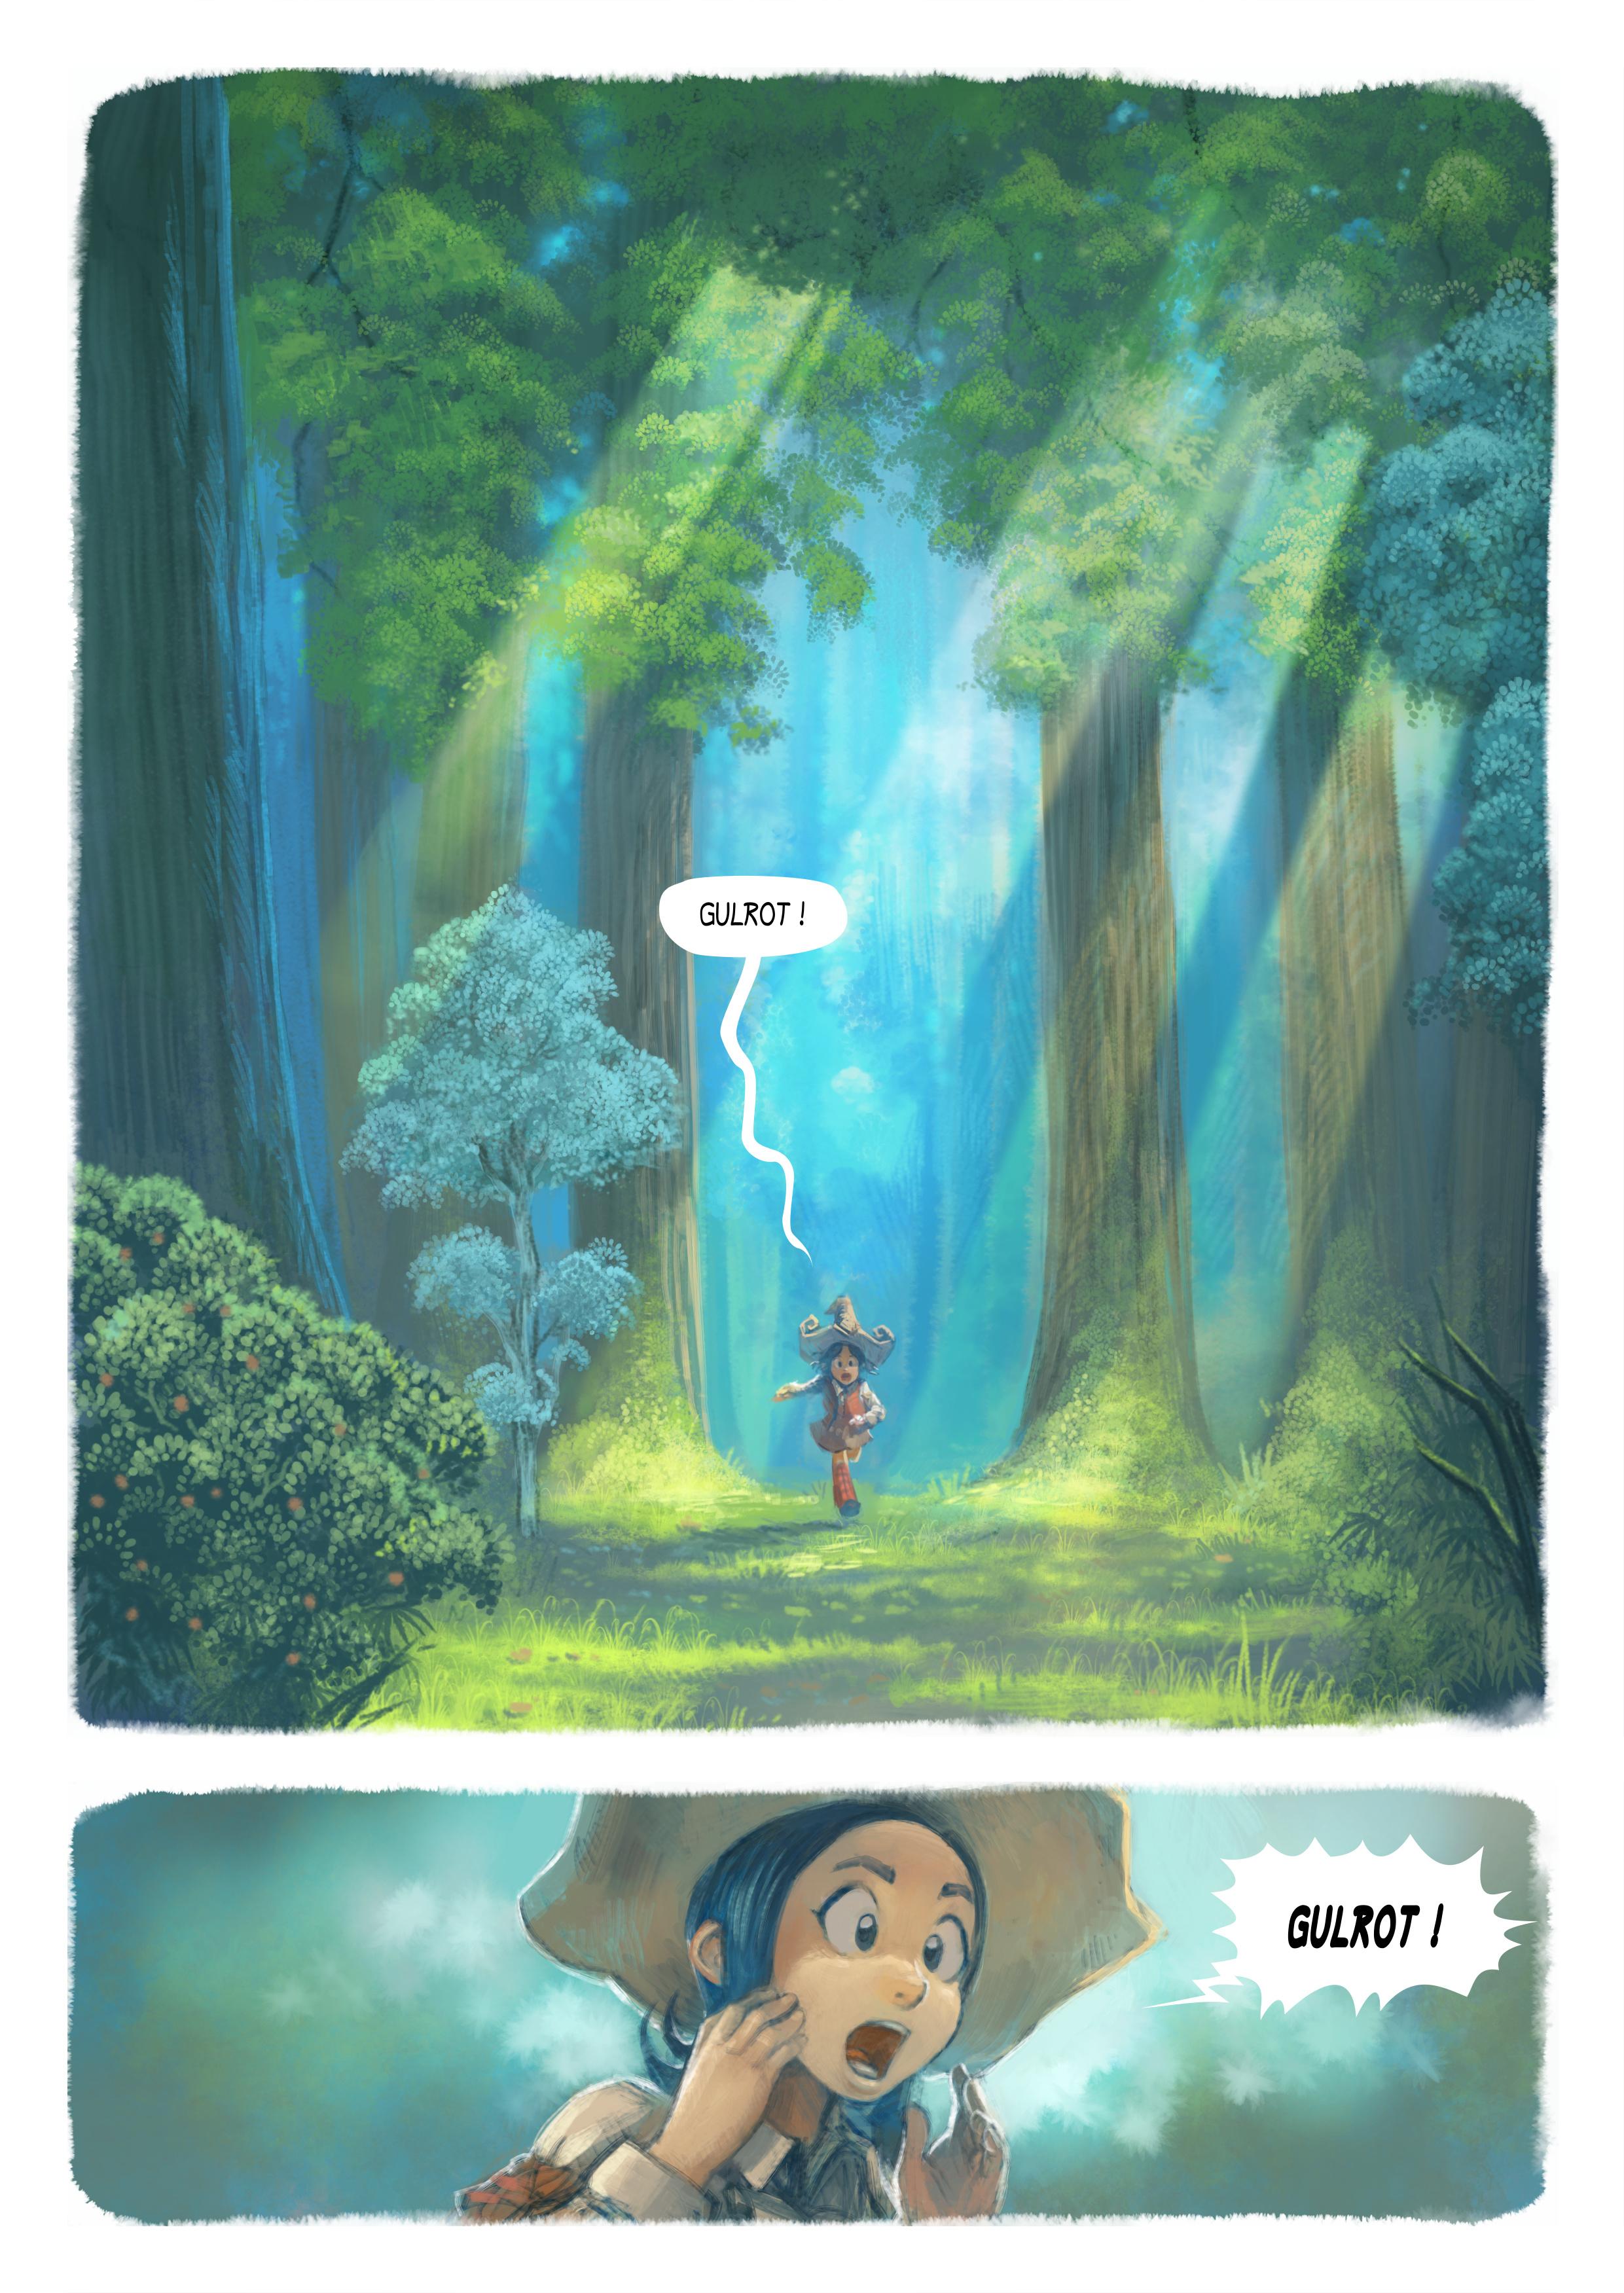 Episode 7: Ett ønske, Page 1